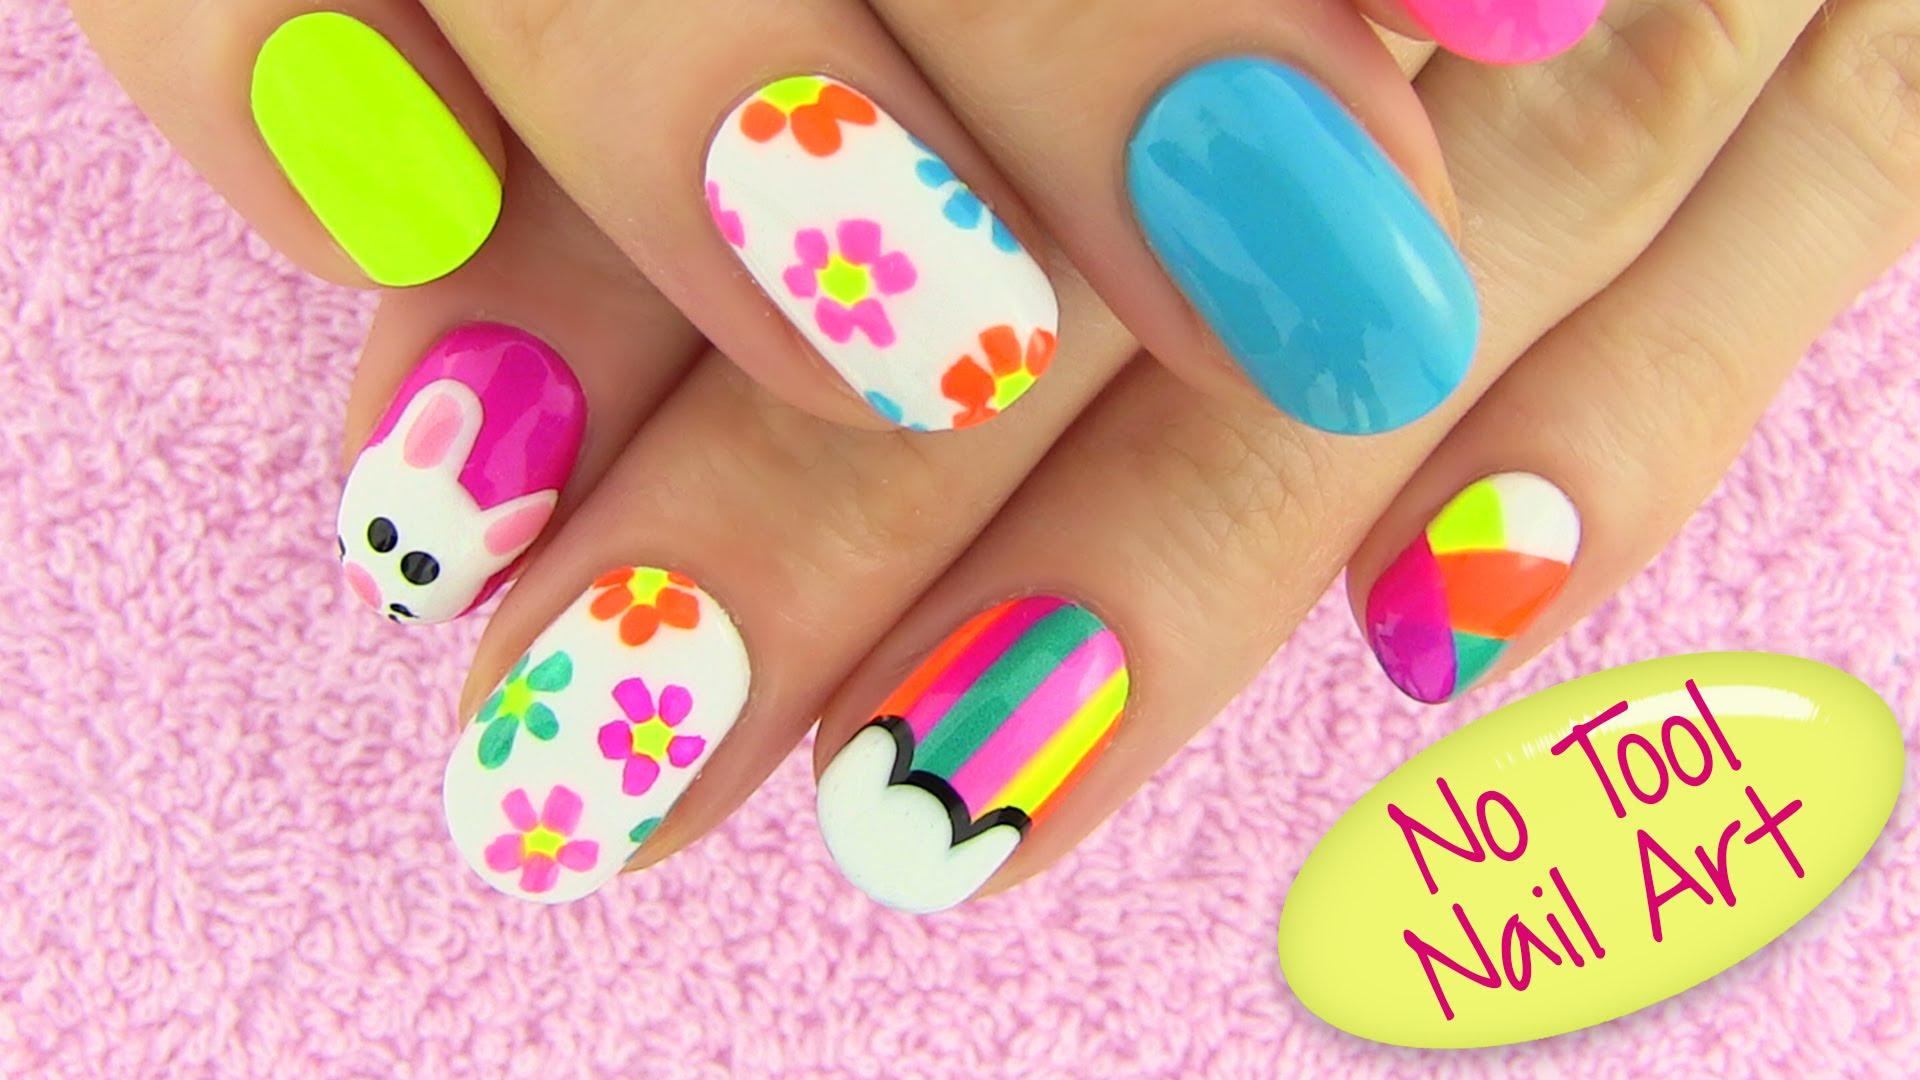 Simple beautiful Nail art designs - NAILKART.com